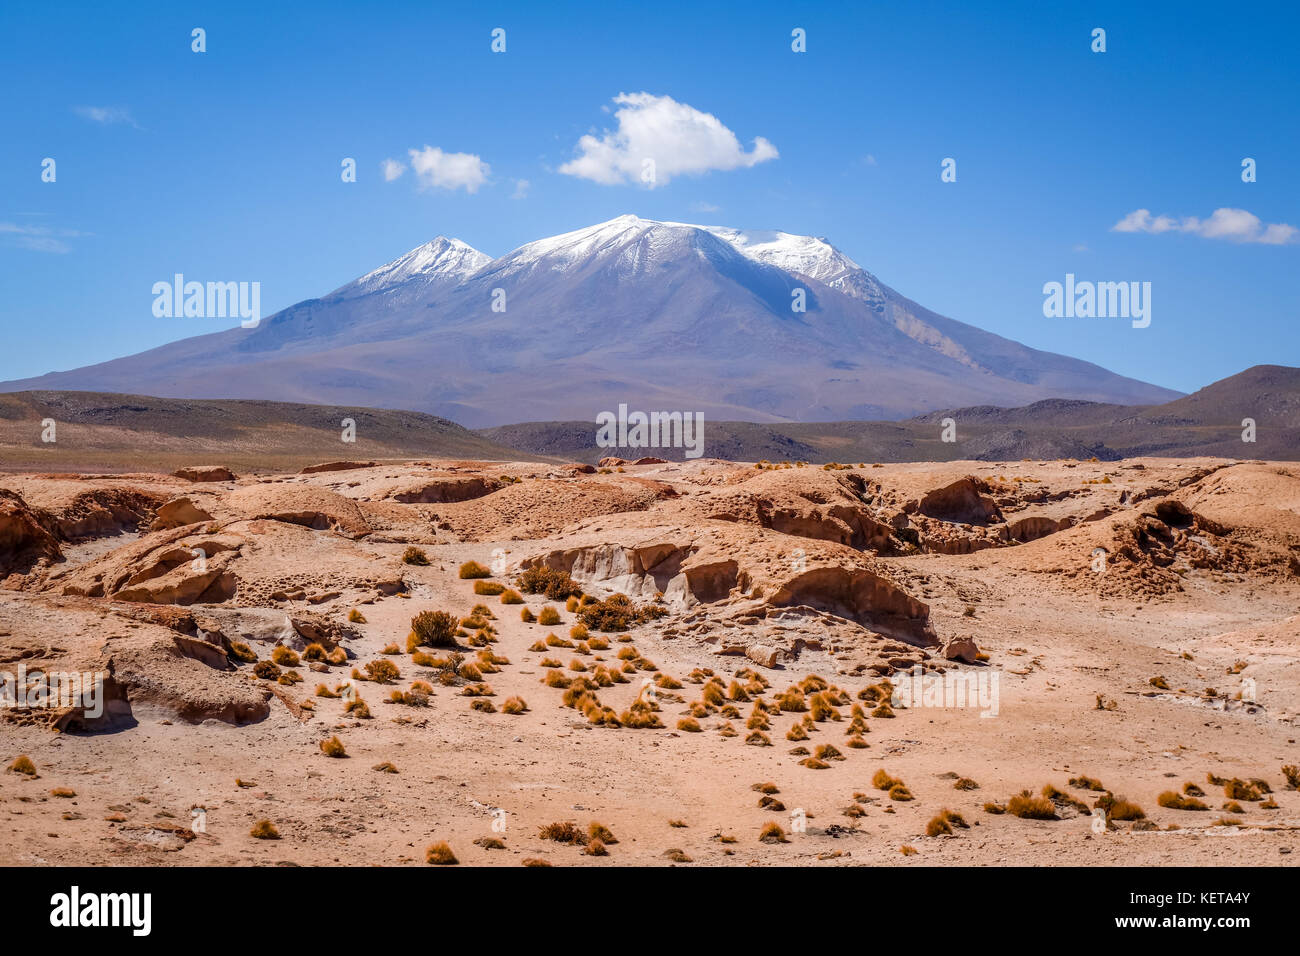 Montagne e il paesaggio del deserto in sud lipez altiplano, Bolivia Immagini Stock